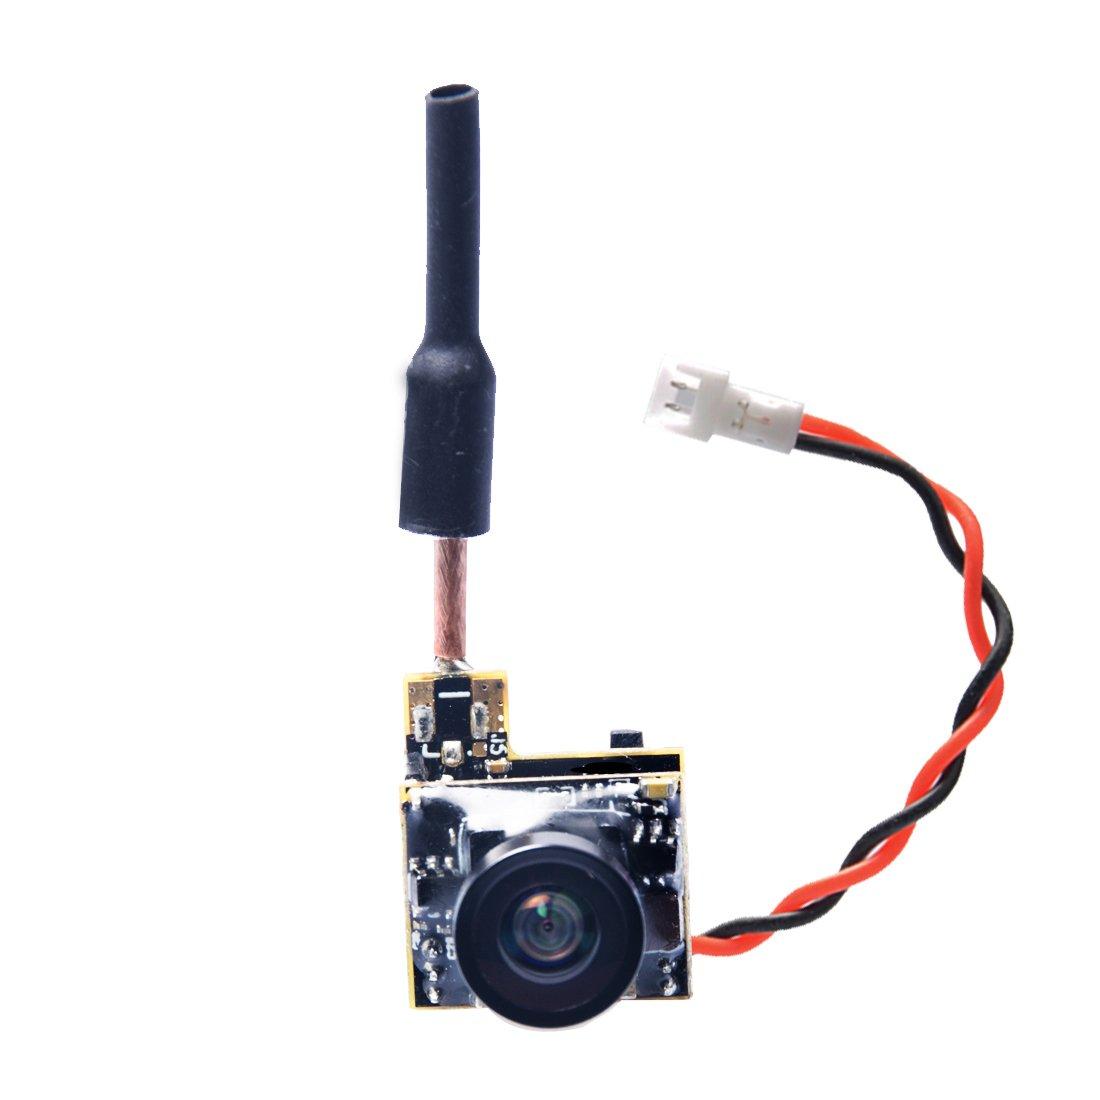 AKK FX3-ultimate Mini VTX 20x20 VTX Support OSD/Smart